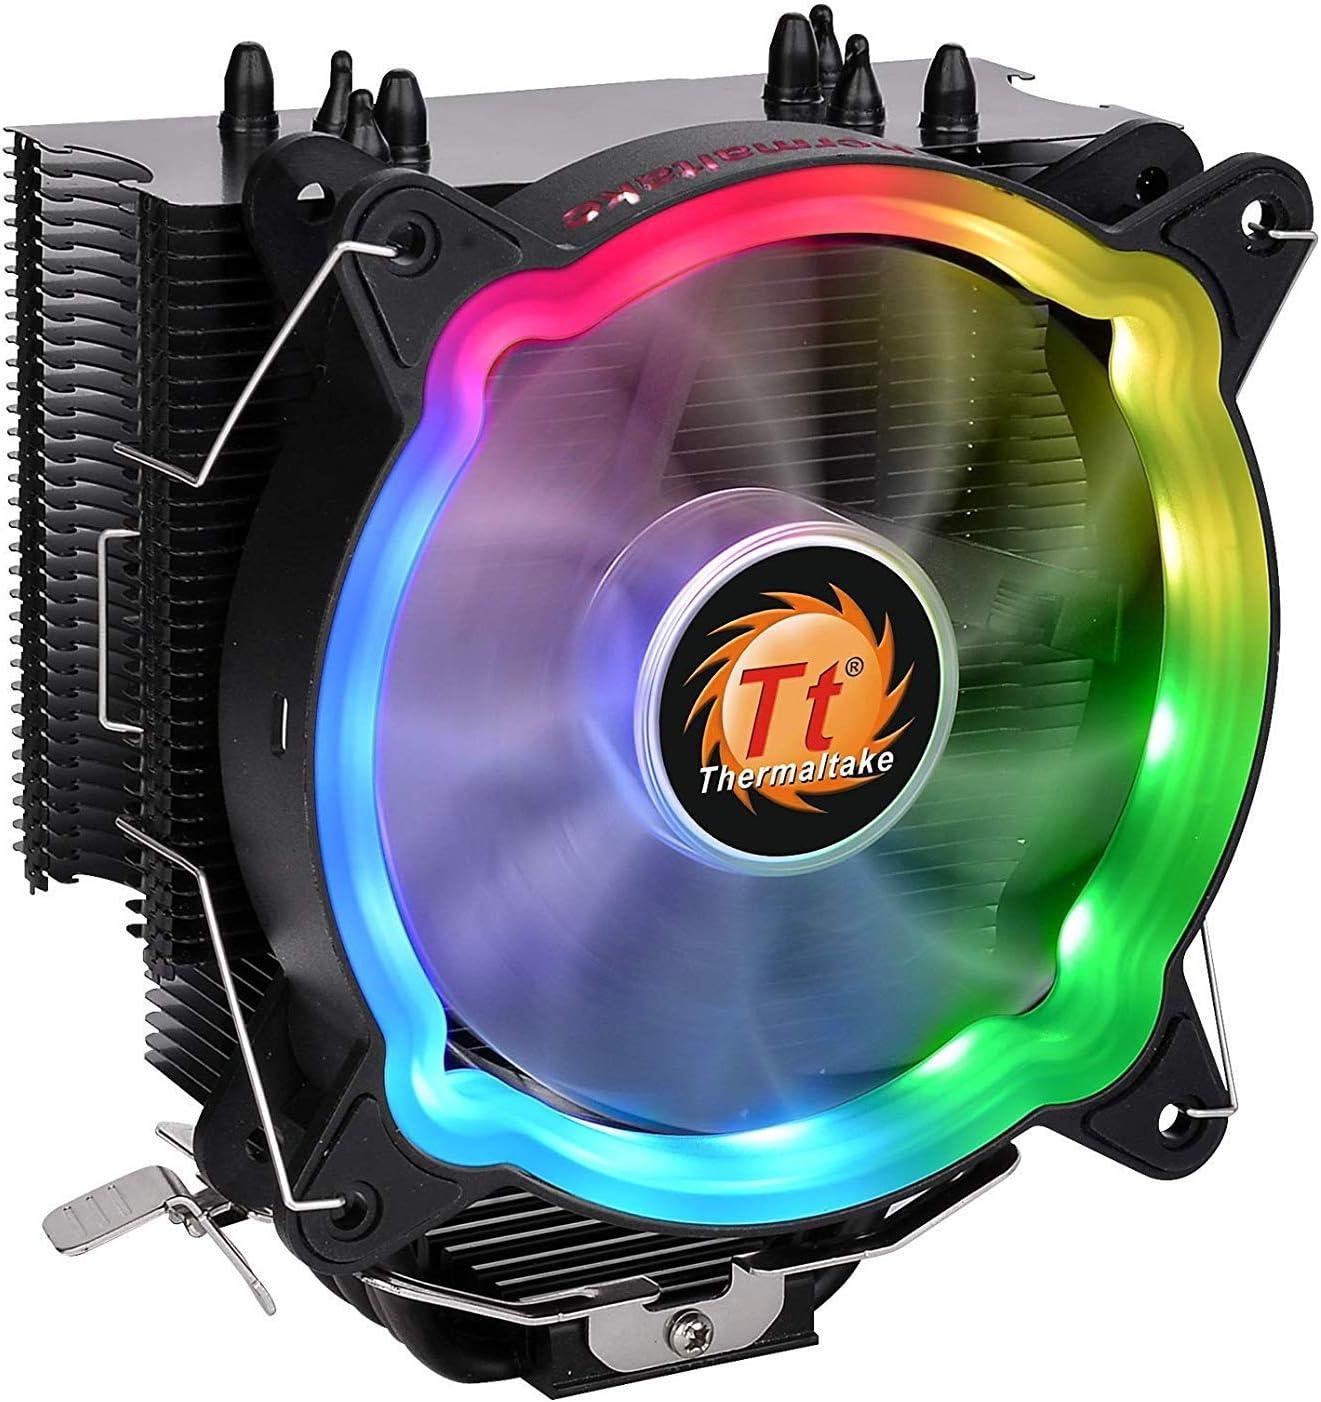 1604 CL-P065-AL12SW-A Thermaltake AIRCOOLER TT UX 200 AIR Cooler PWM ARGB